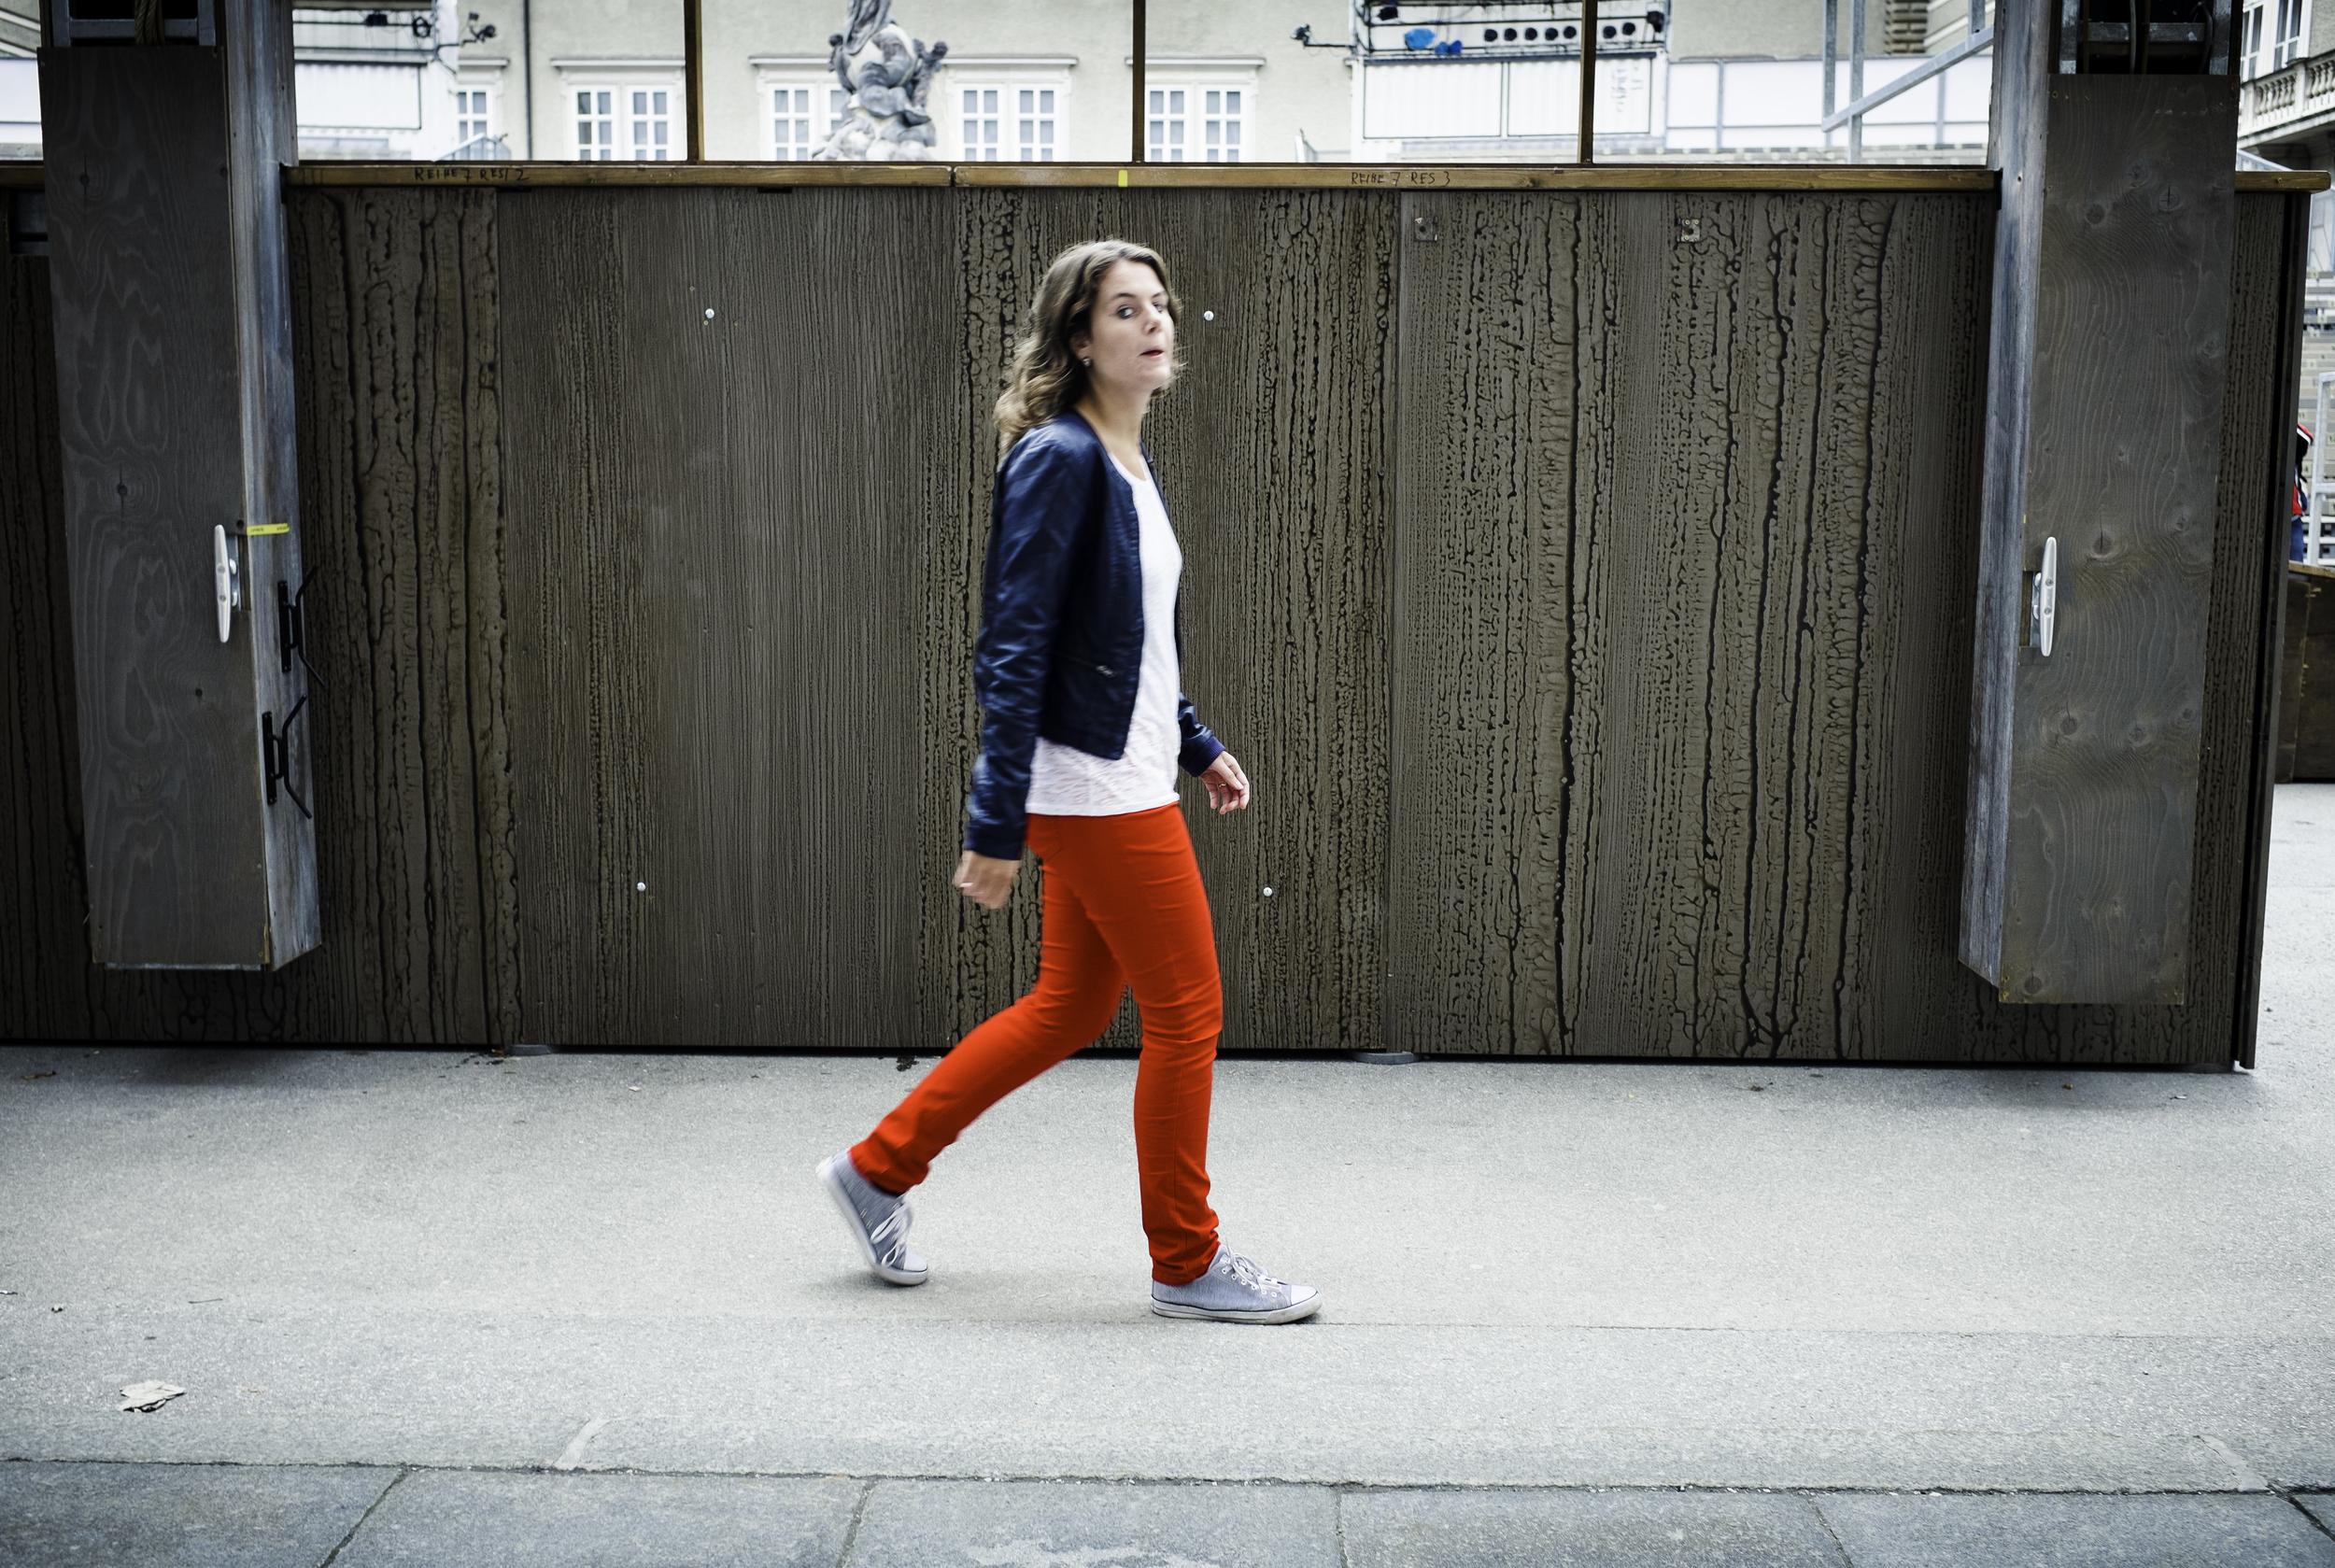 red trouser girl.jpg